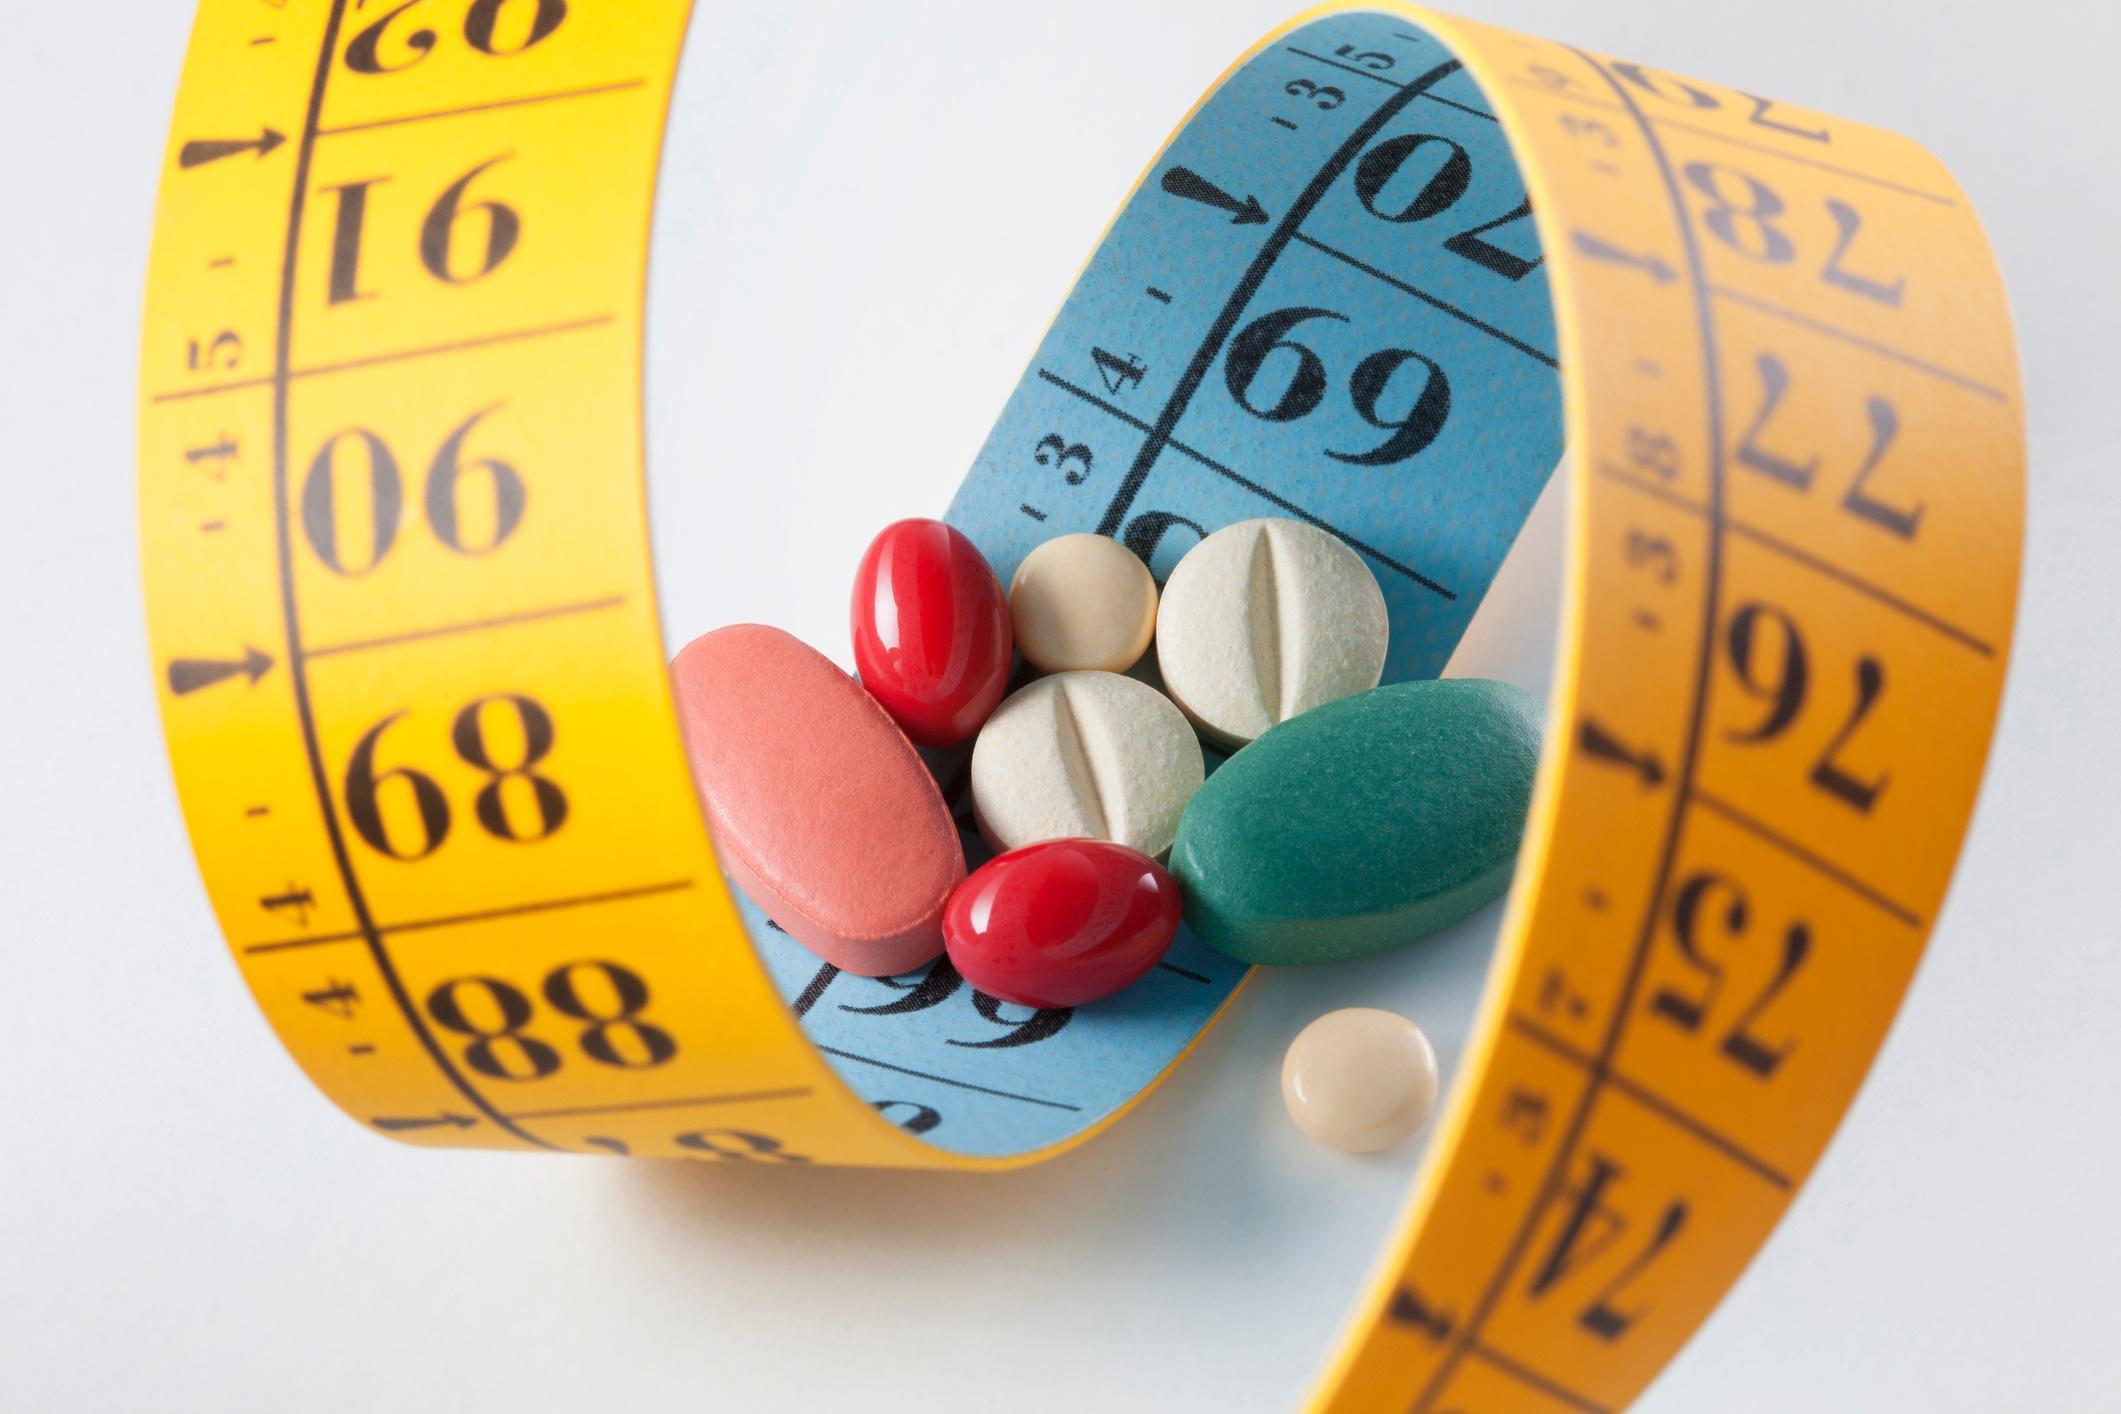 drugs measuring tape